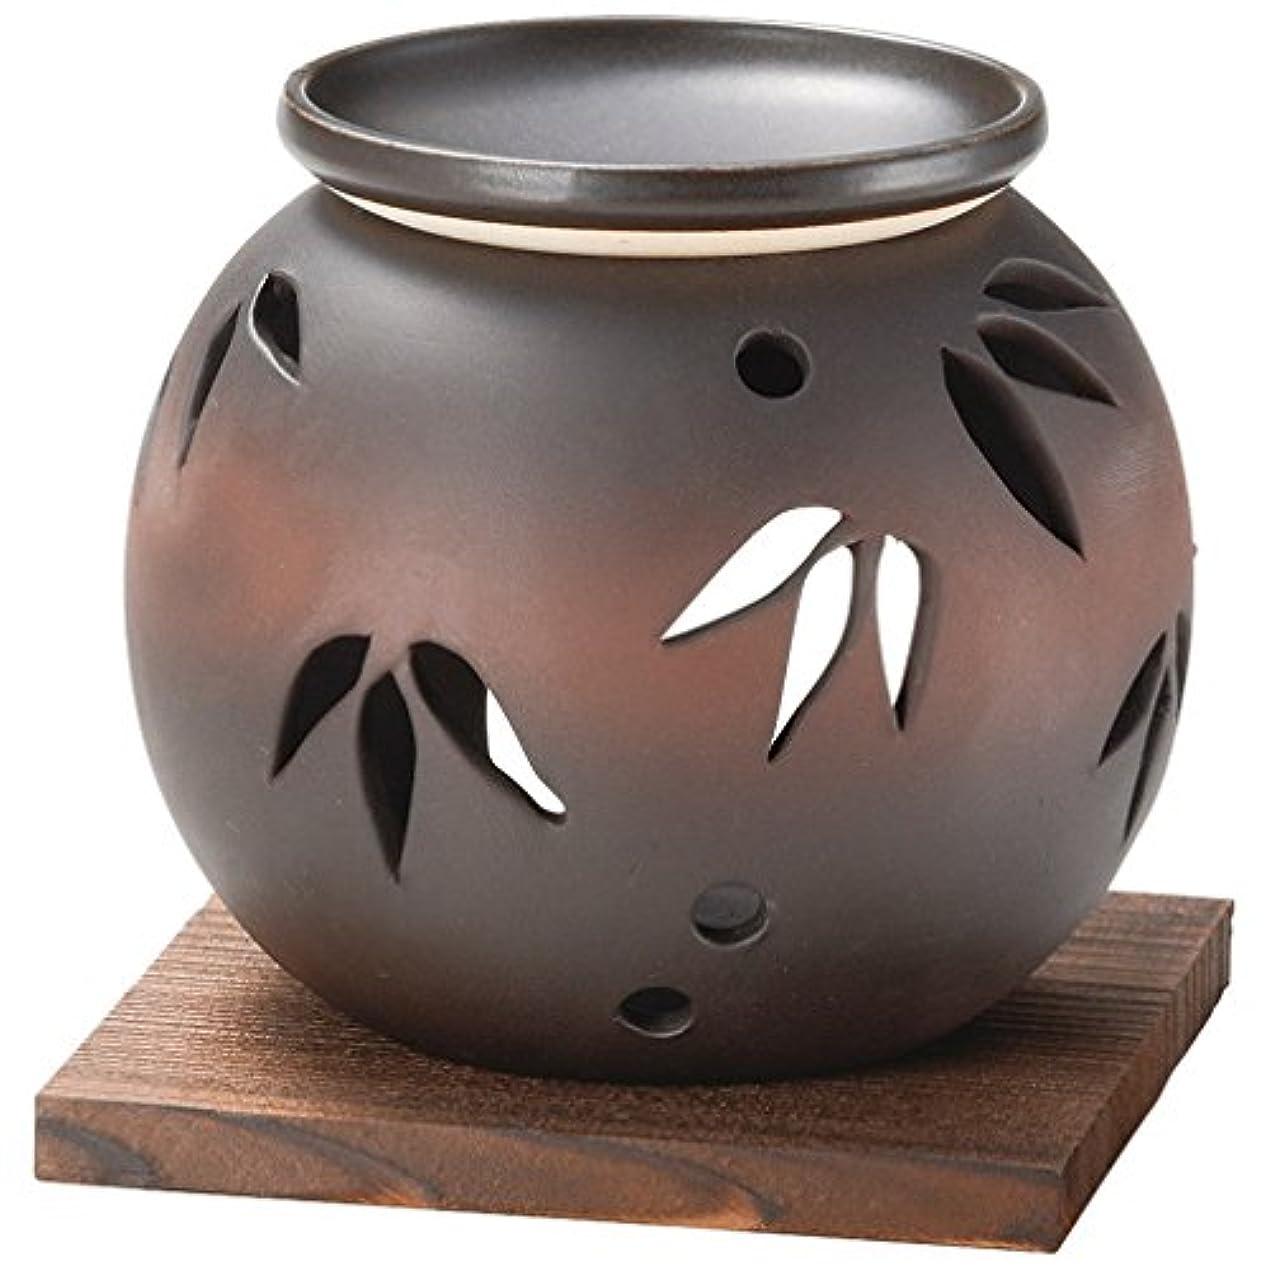 米ドルずるい衝突山下工芸 常滑焼 茶窯変笹透かし茶香炉 11×11.5×11.5cm 13045620